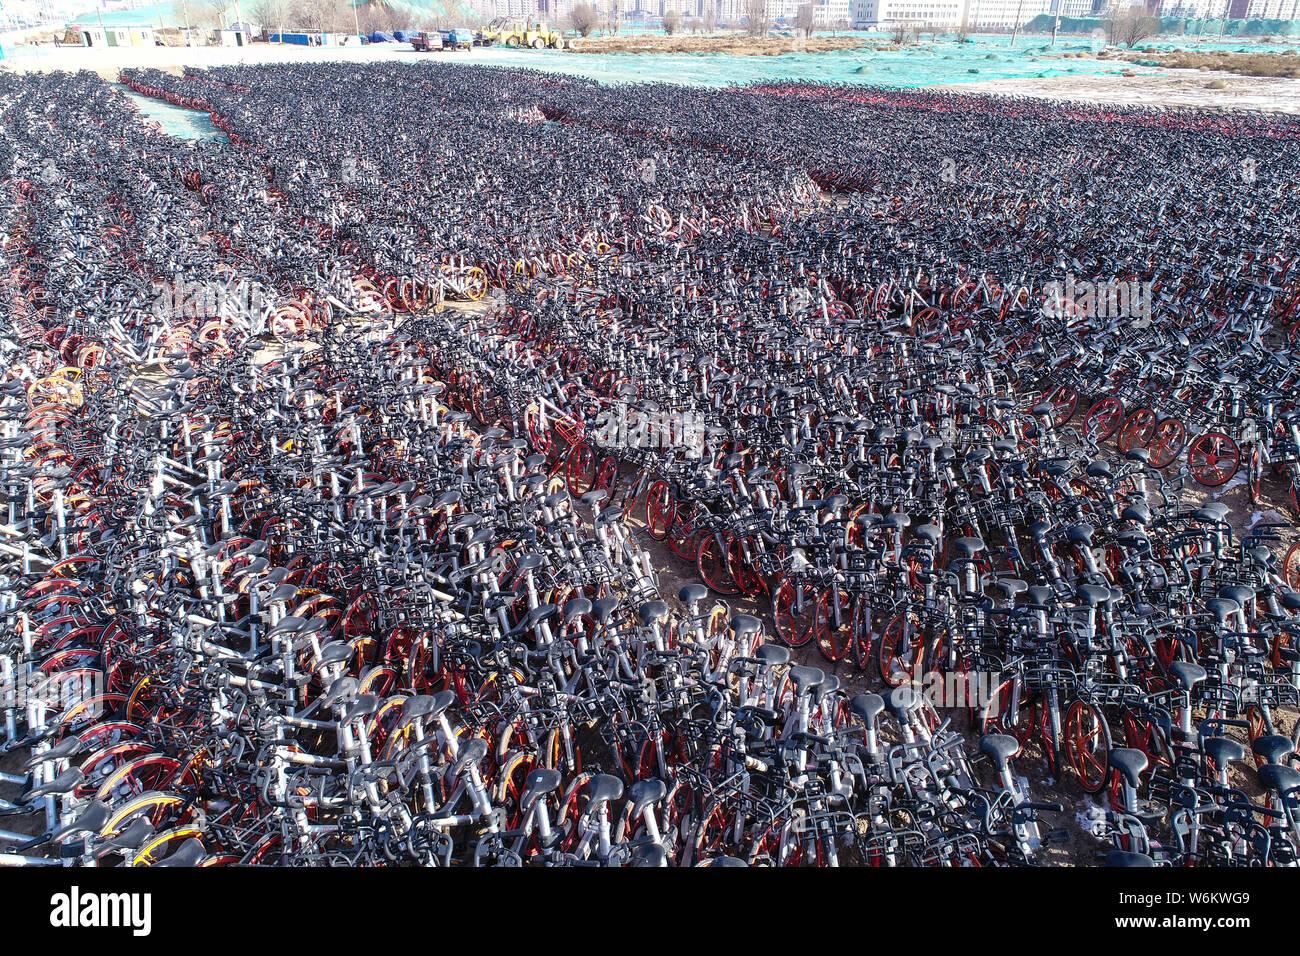 Des milliers de bicyclettes de vélo libre-service Mobike sont alignés à un espace ouvert à Yinchuan ville, du nord-ouest de la Chine, région autonome du Ningxia Hui Banque D'Images